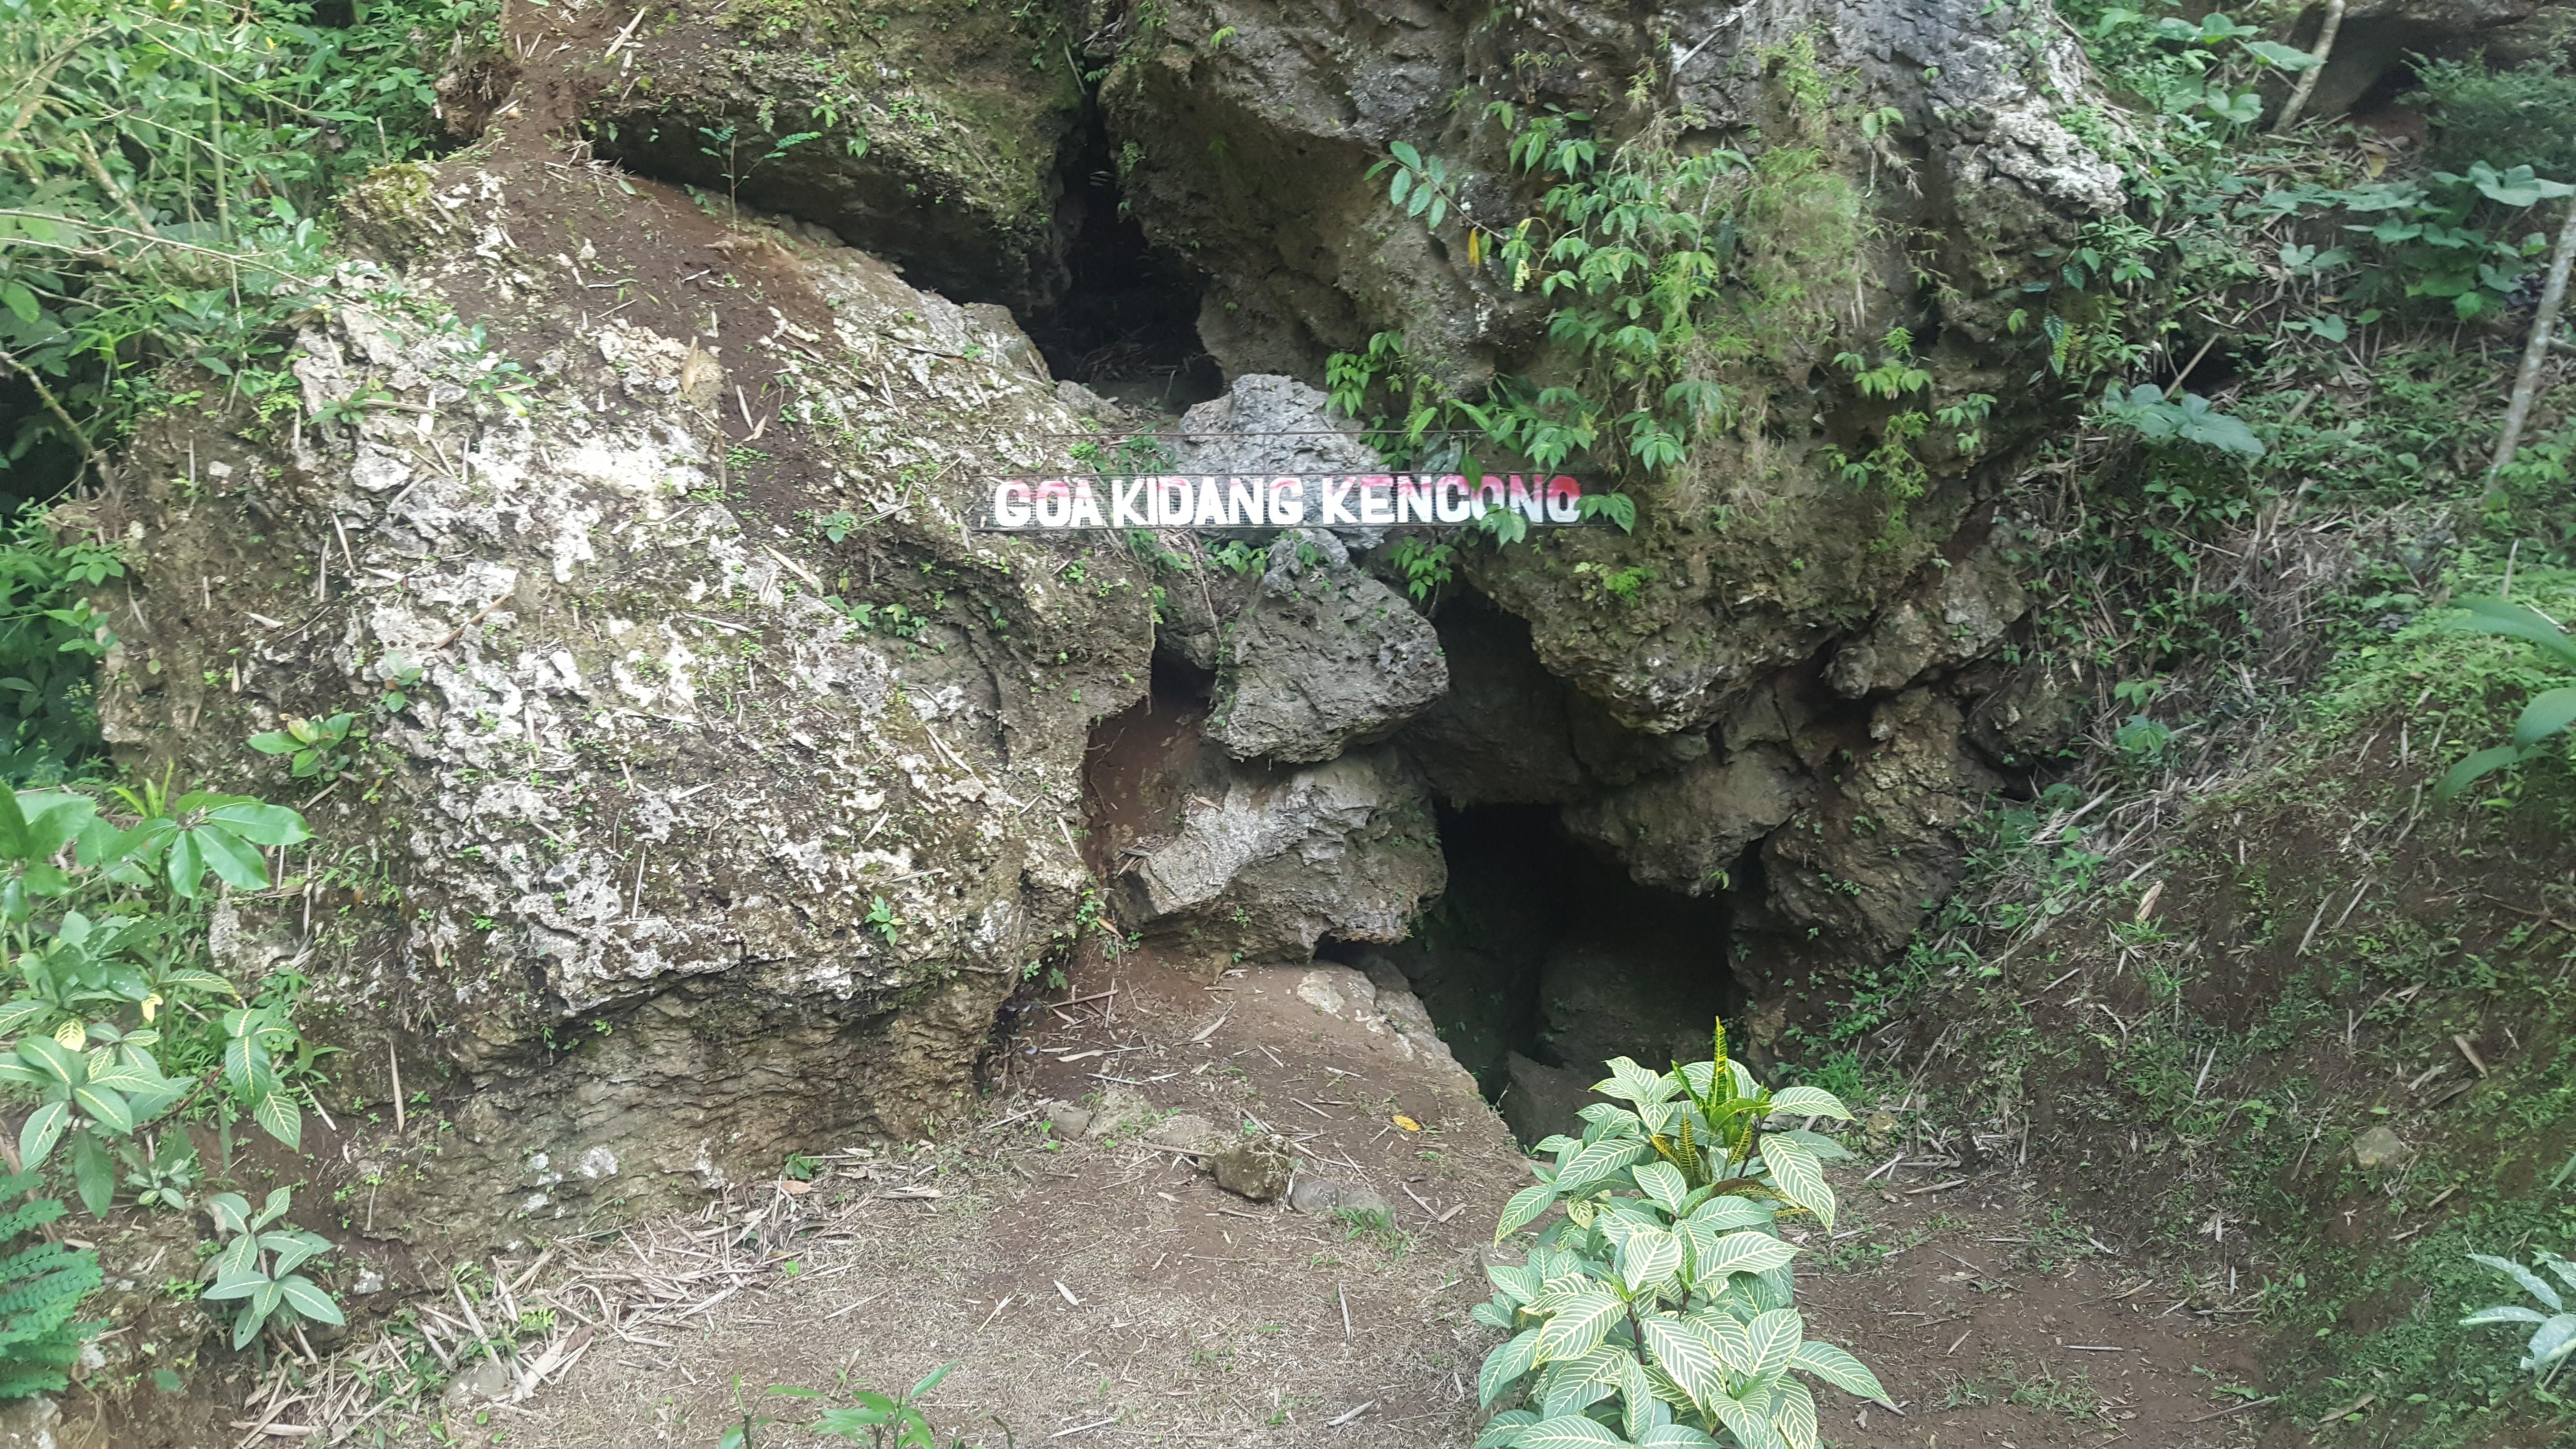 Goa Kidang Kencono Yogyakarta